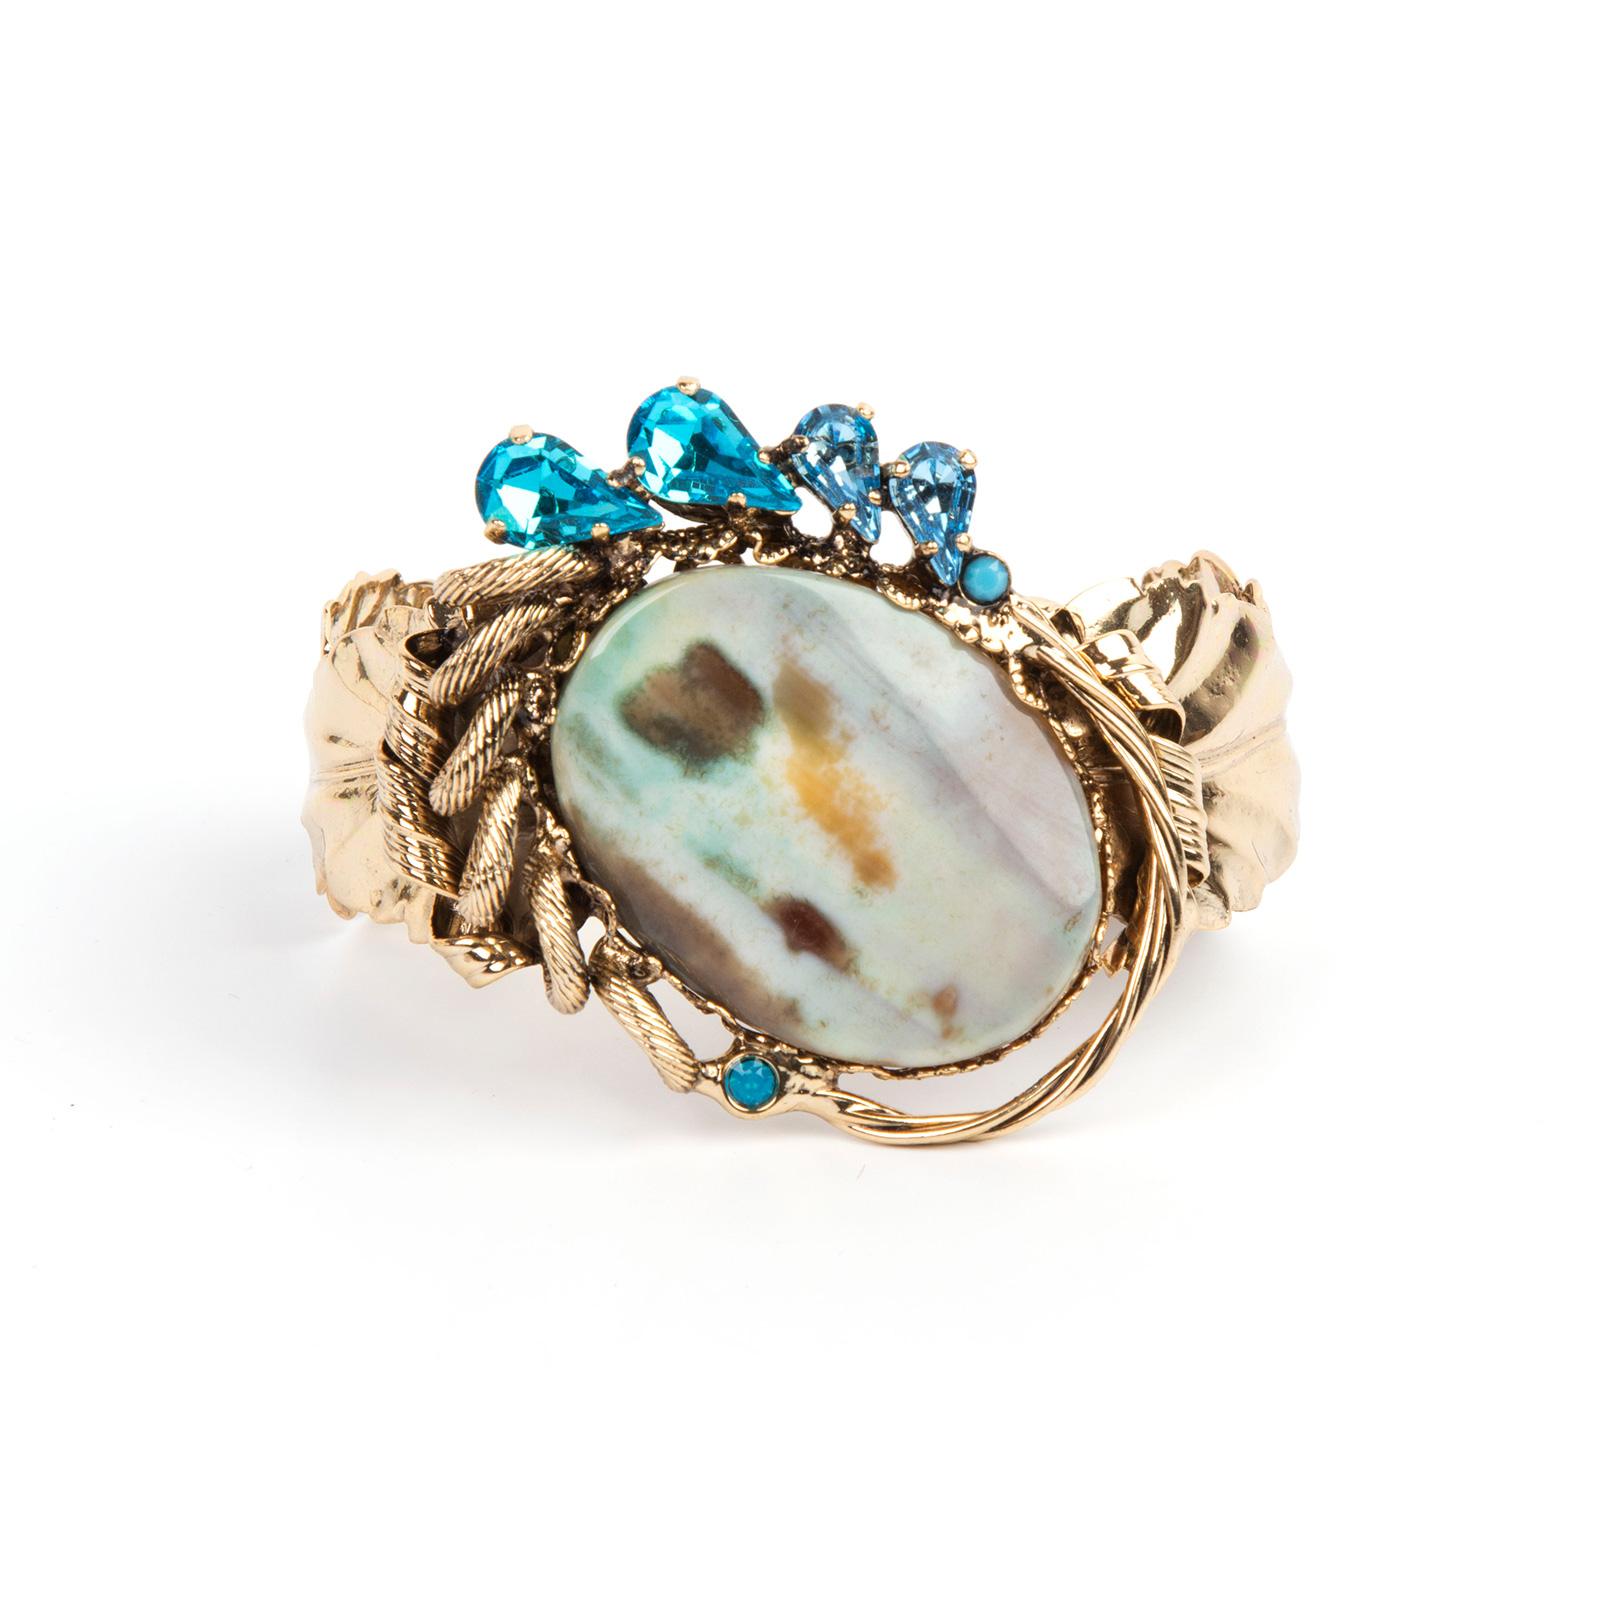 Браслет «Морской мир» купить браслет пандора в интернет магазине оригинал